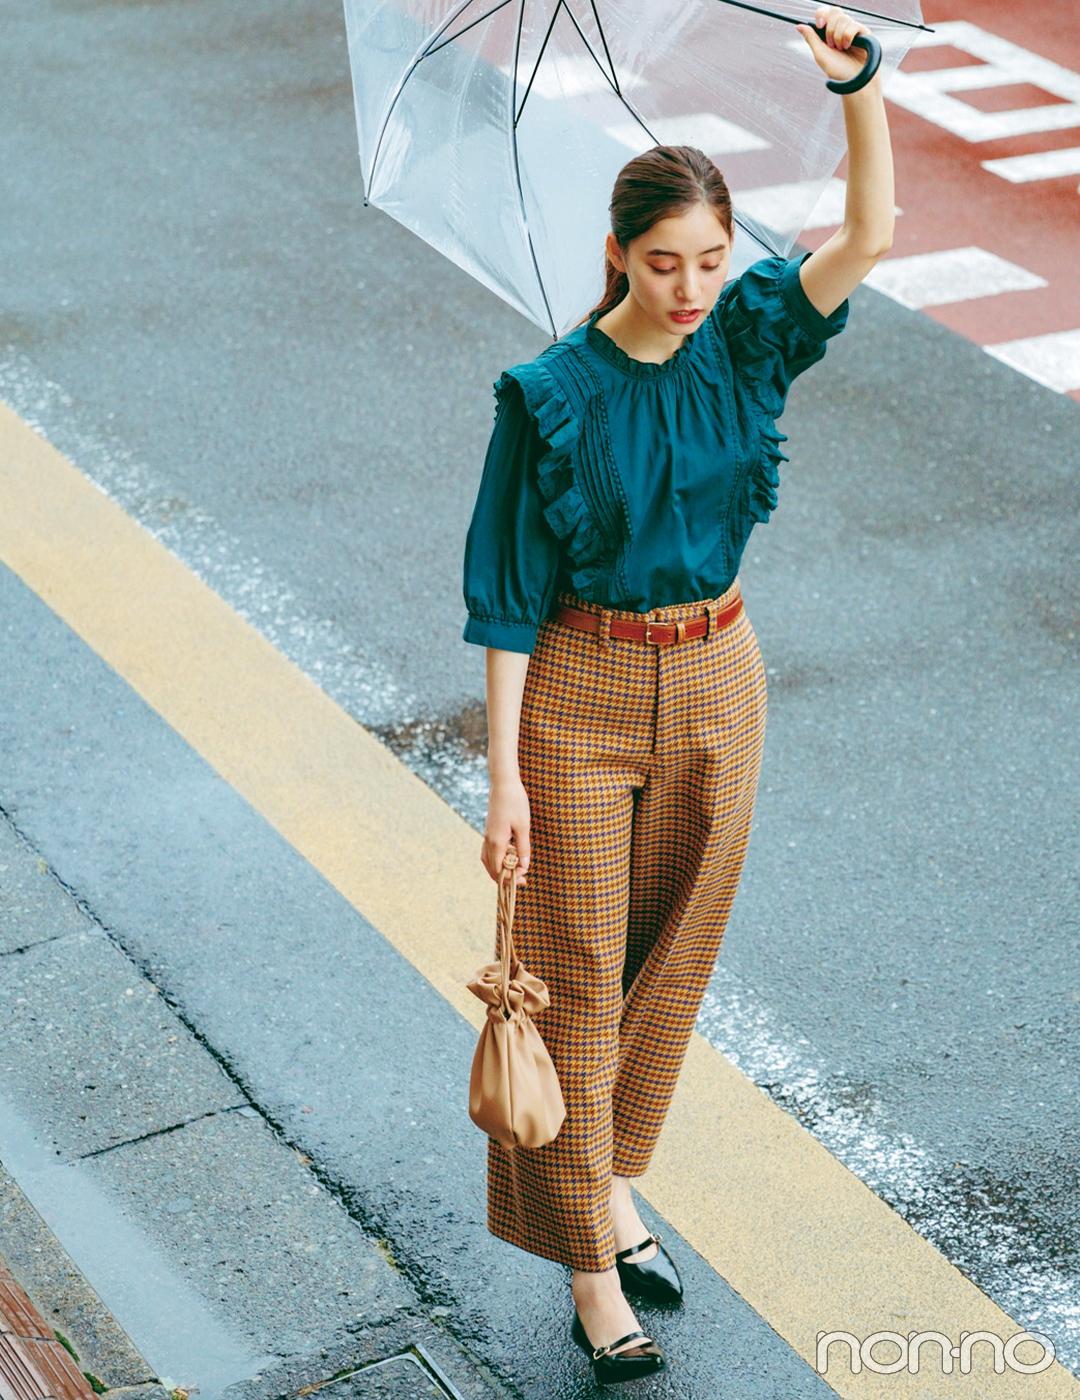 新木優子はこっくり秋色アイテムで季節を先取り♡【毎日コーデ】